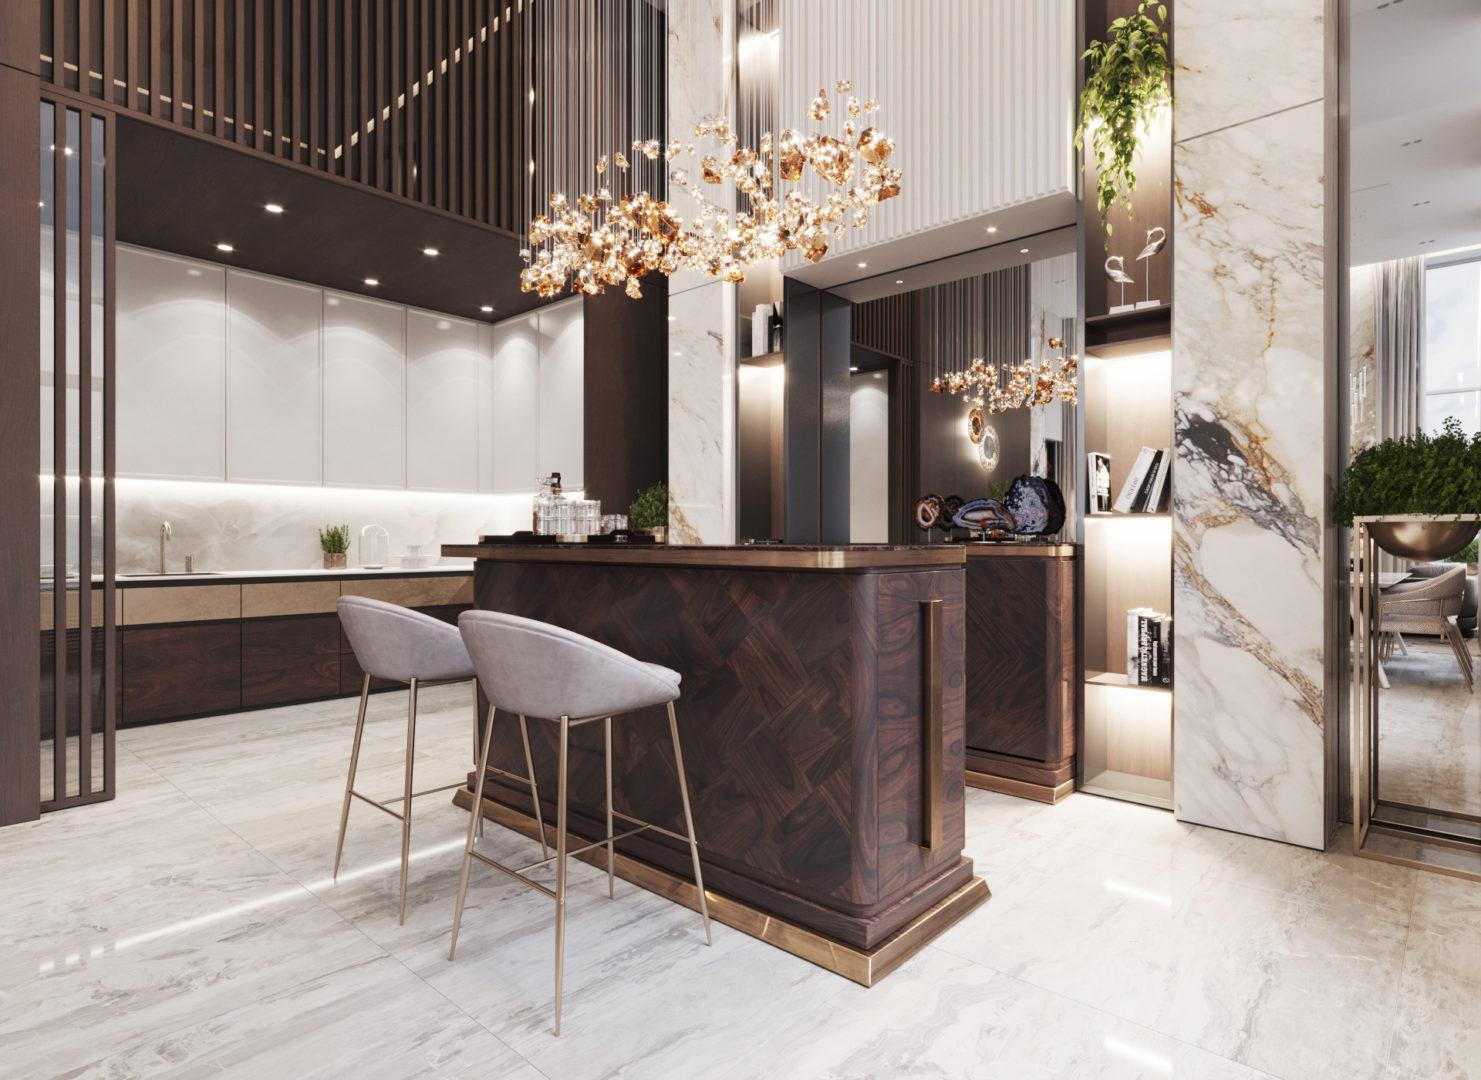 Барная стойка и кухня - вариант планировки лофта в ЖК Александровский сад